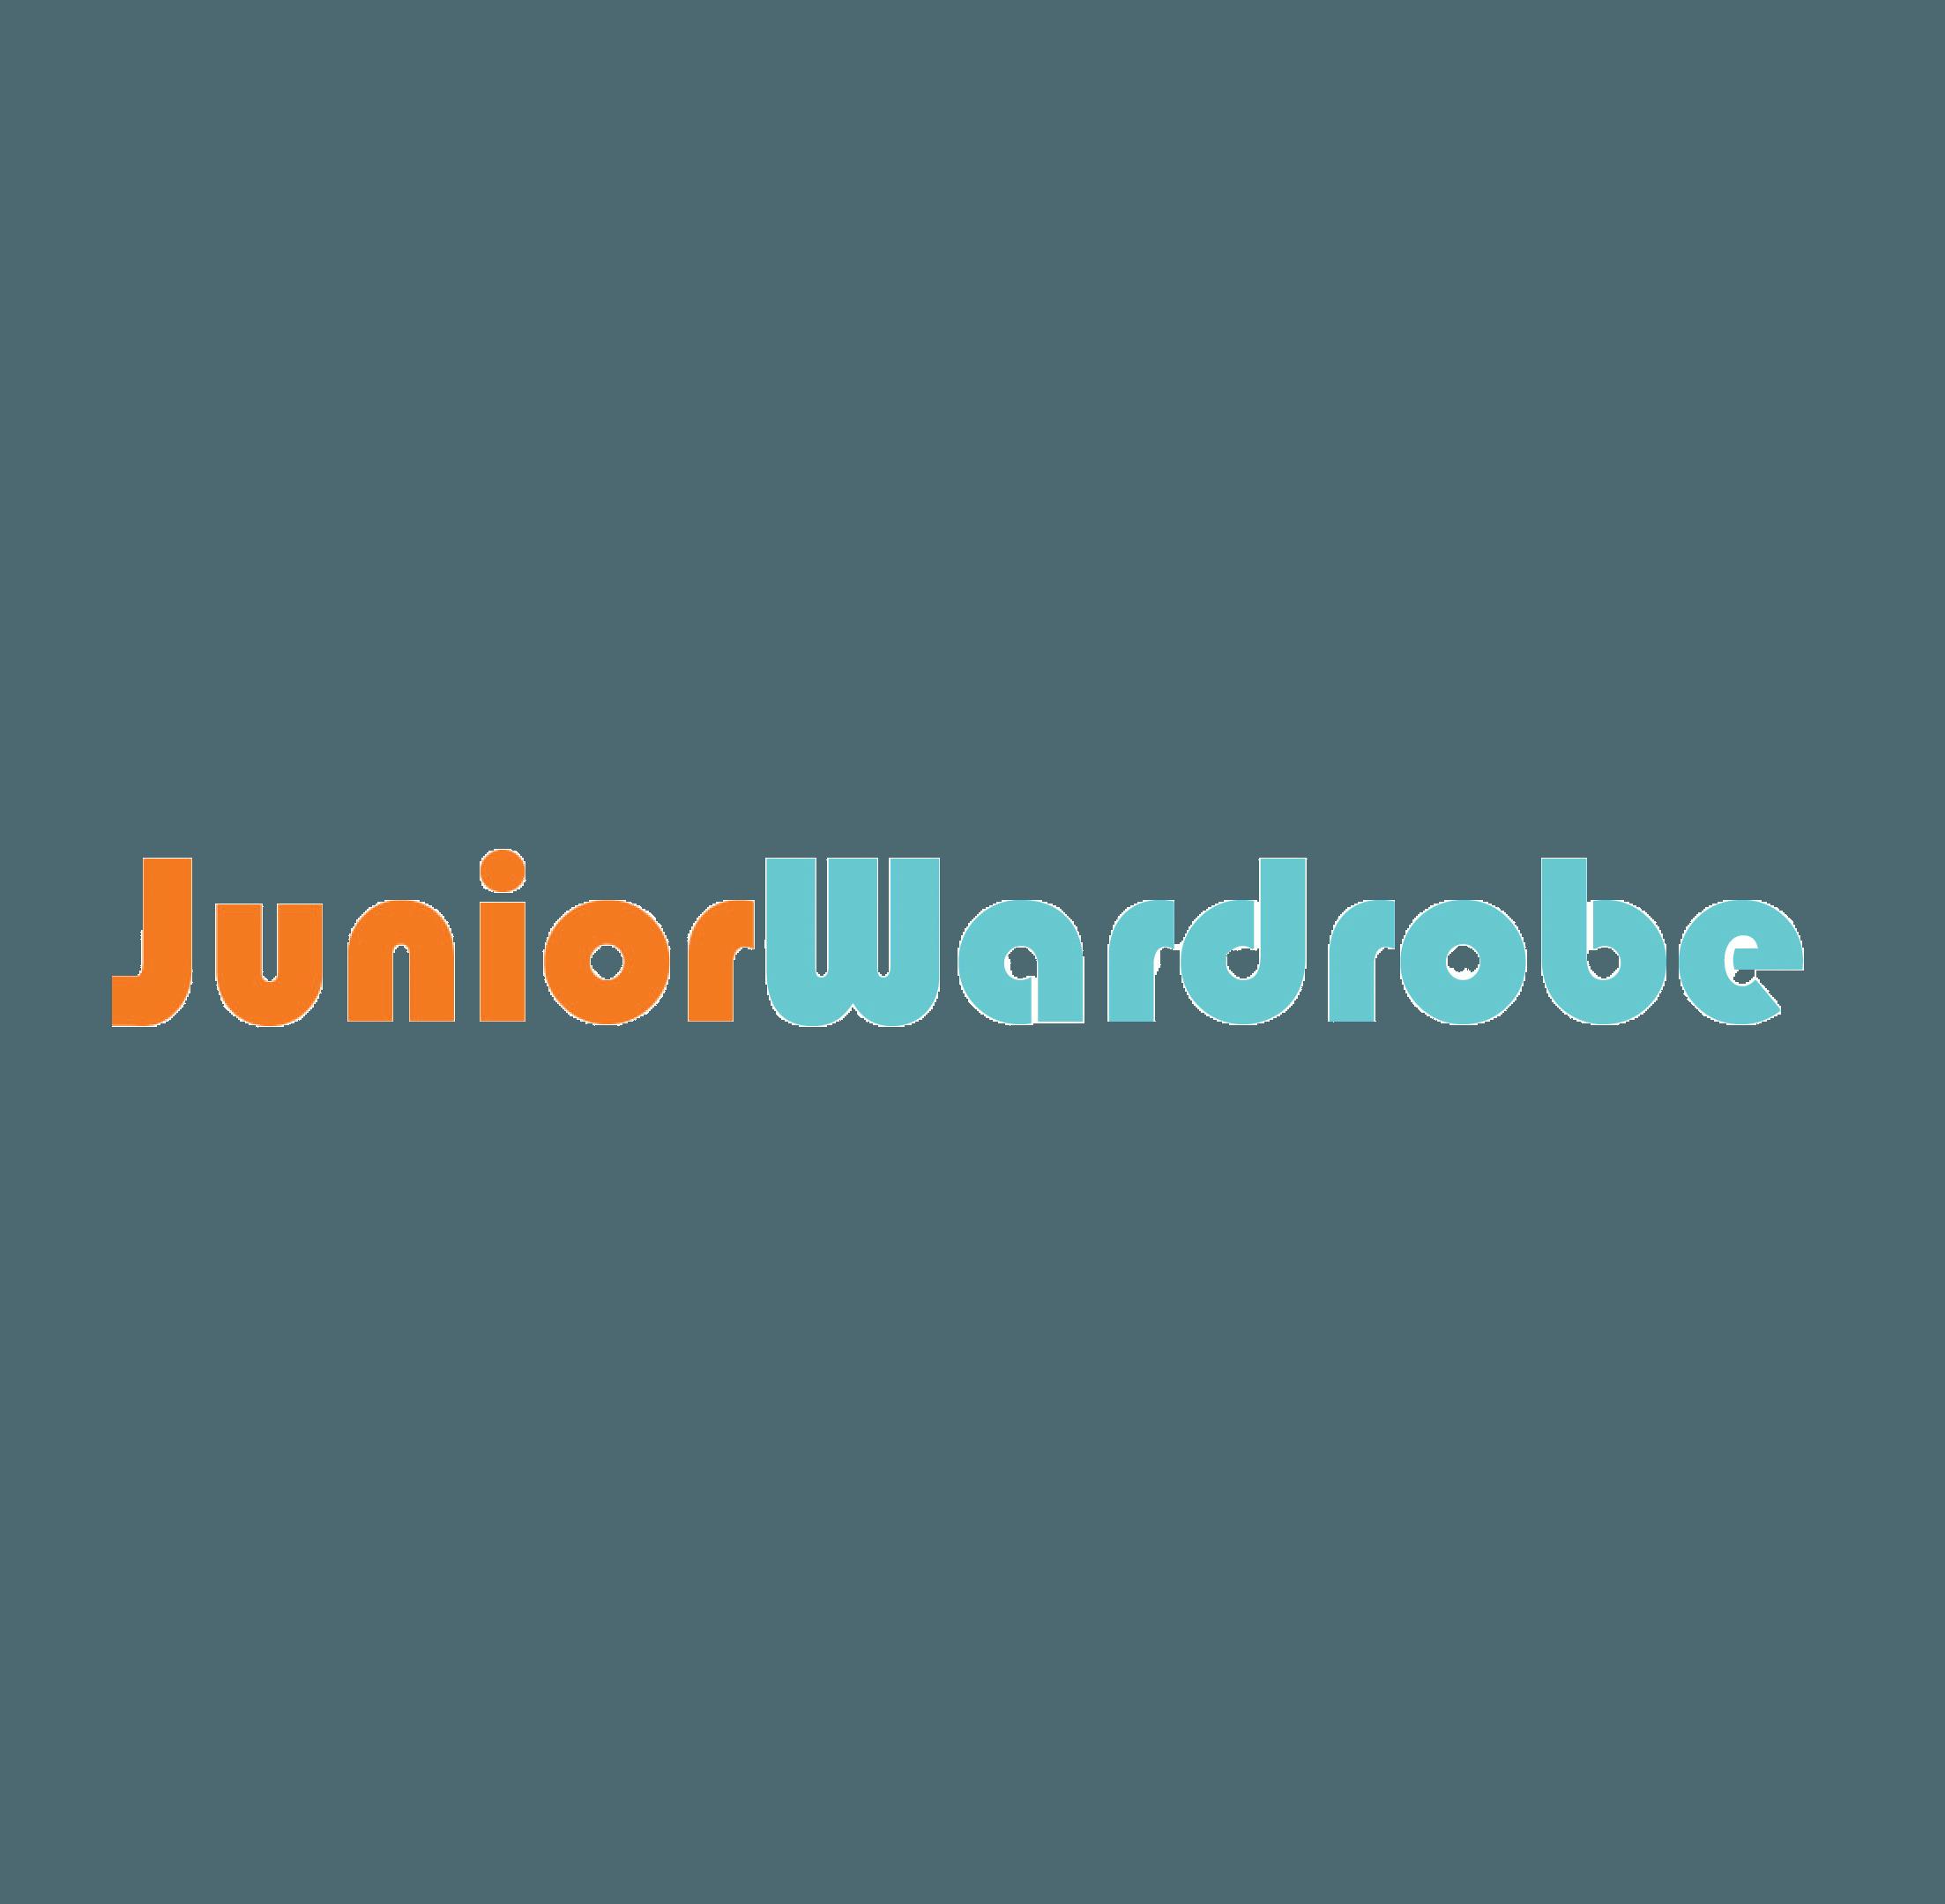 Junior Wardrobe